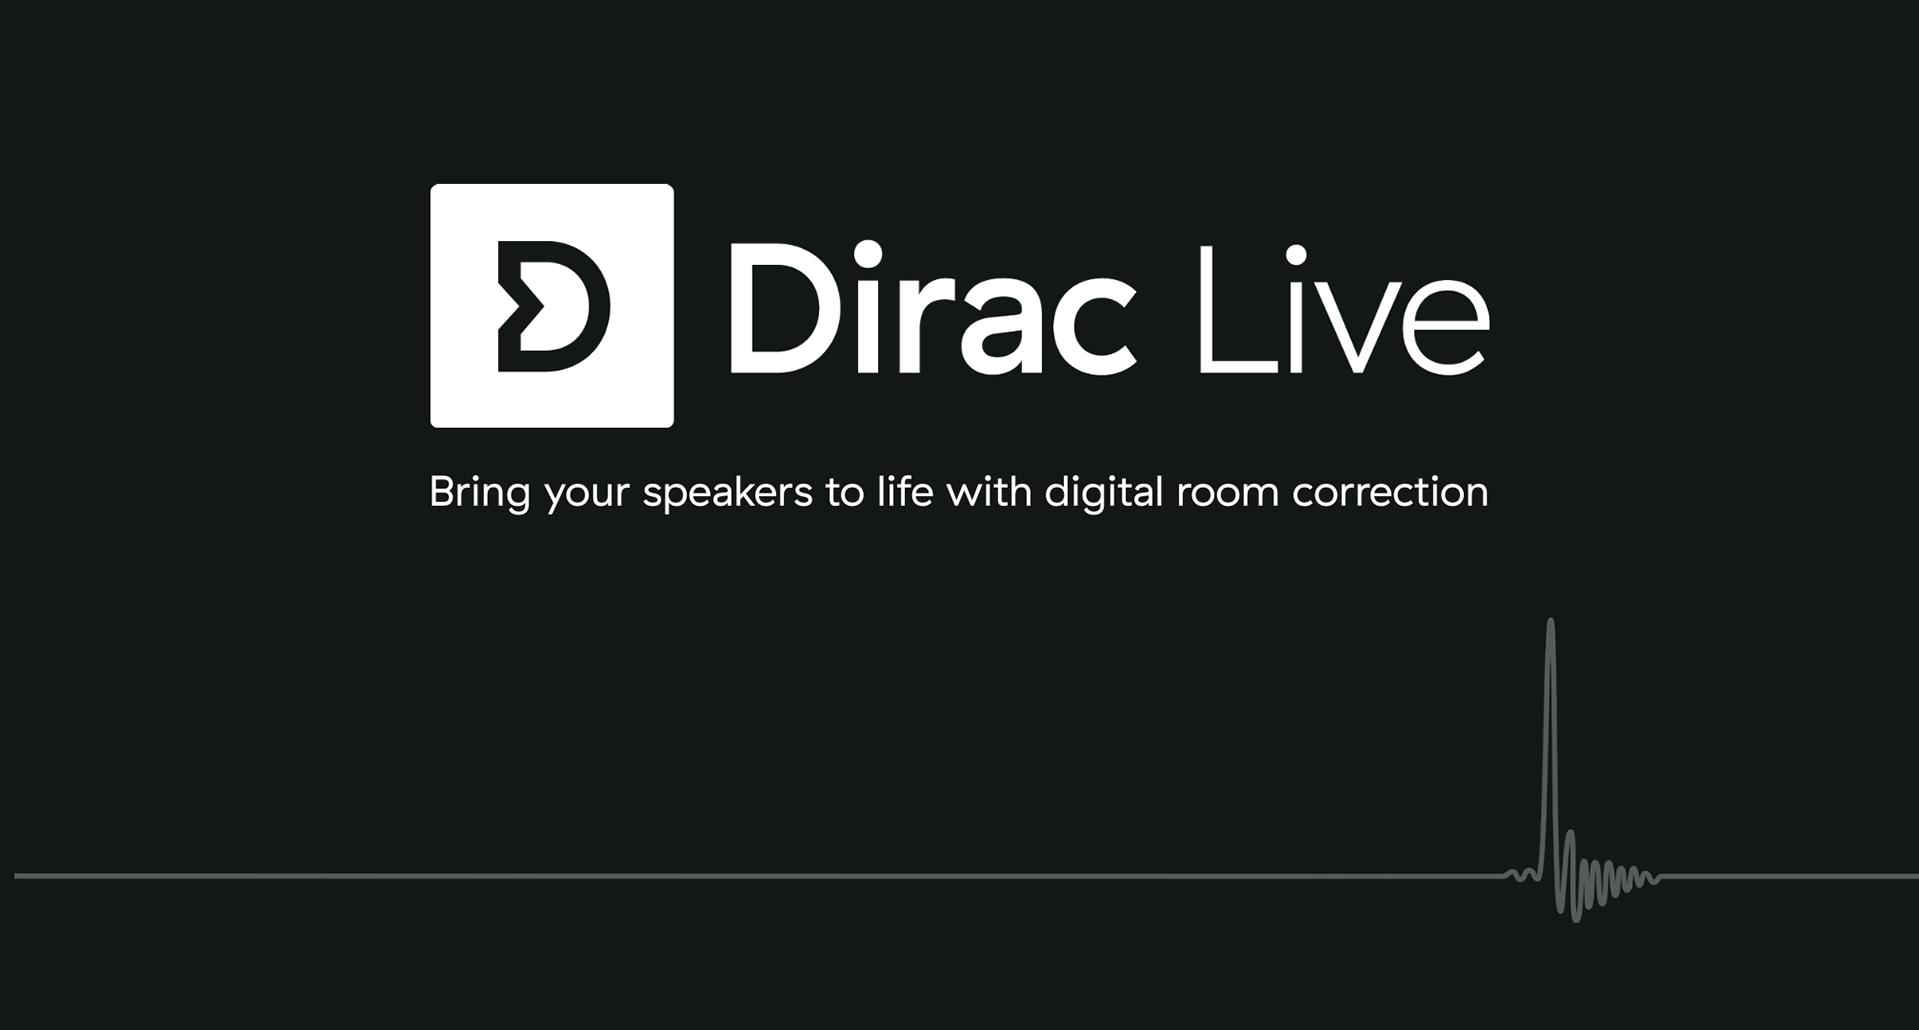 dirac_live